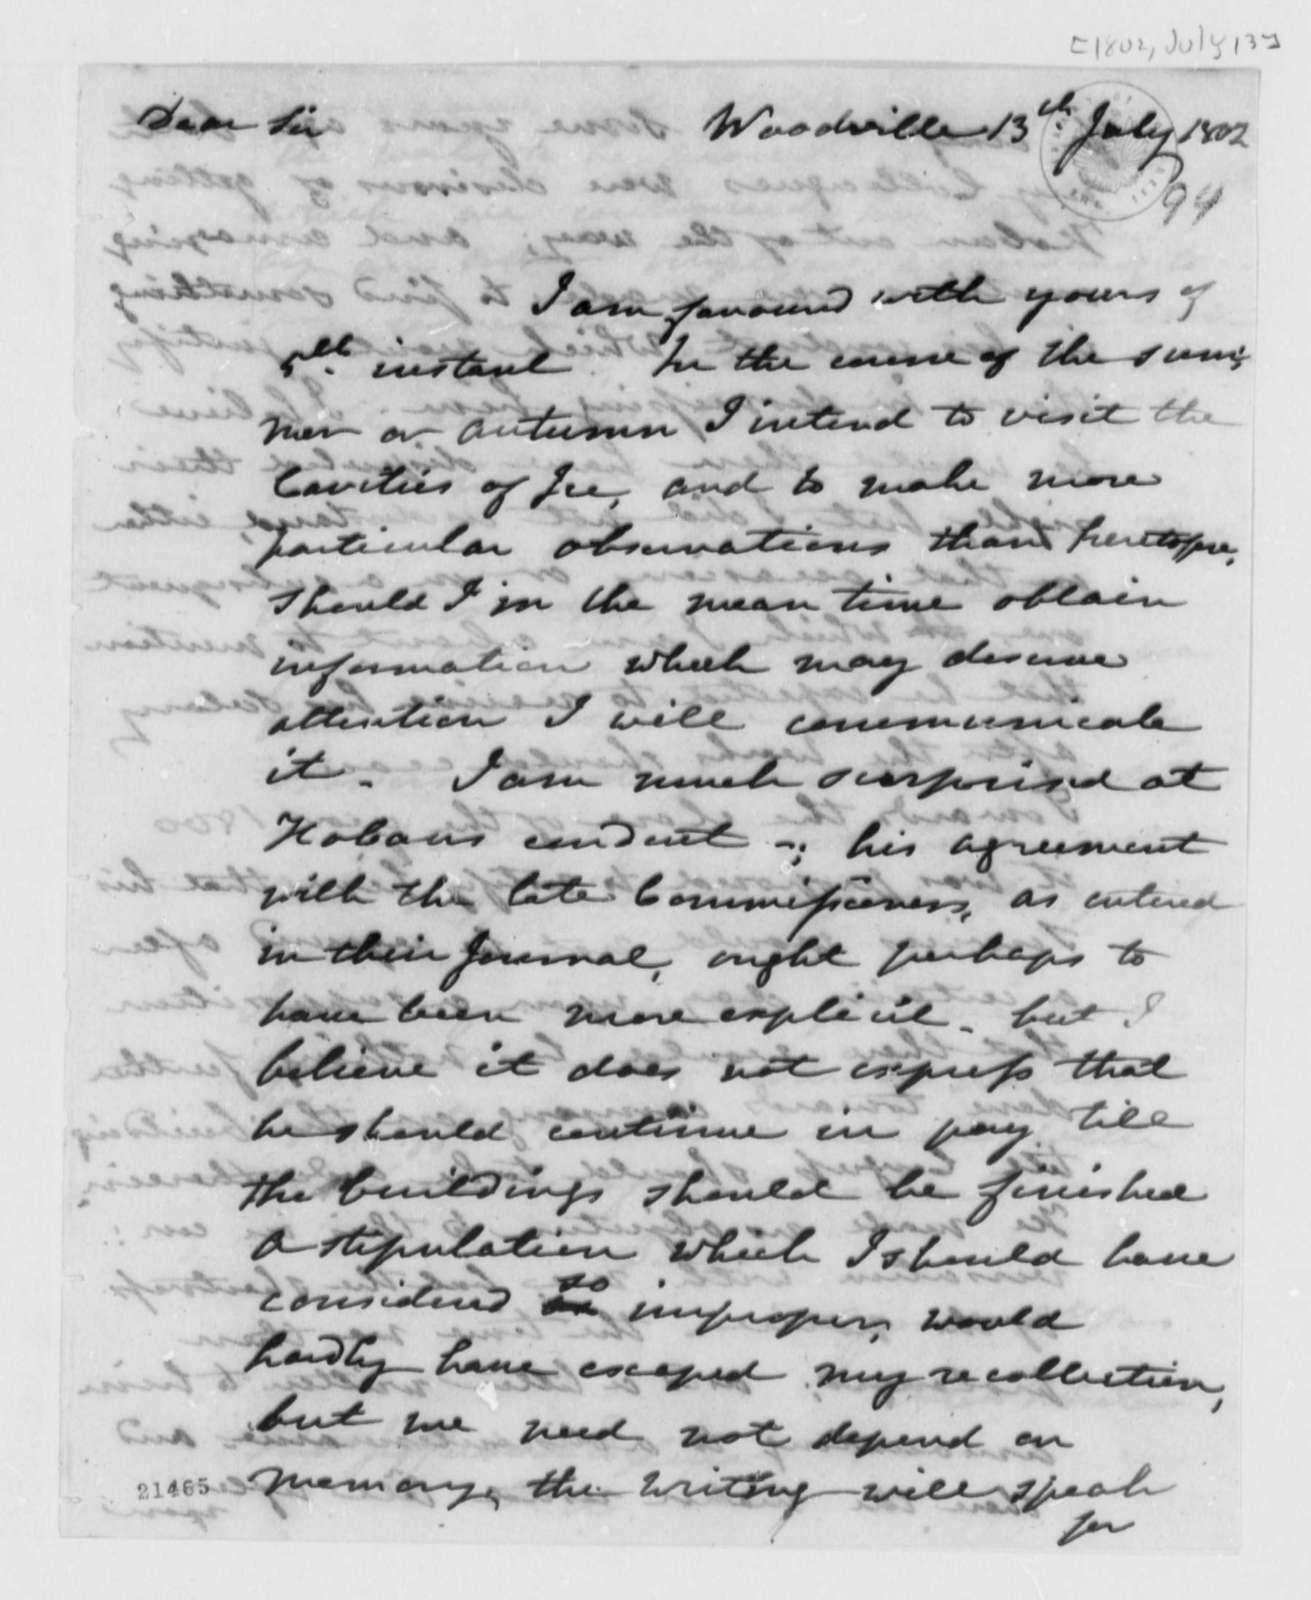 Alexander White to Thomas Jefferson, July 13, 1802